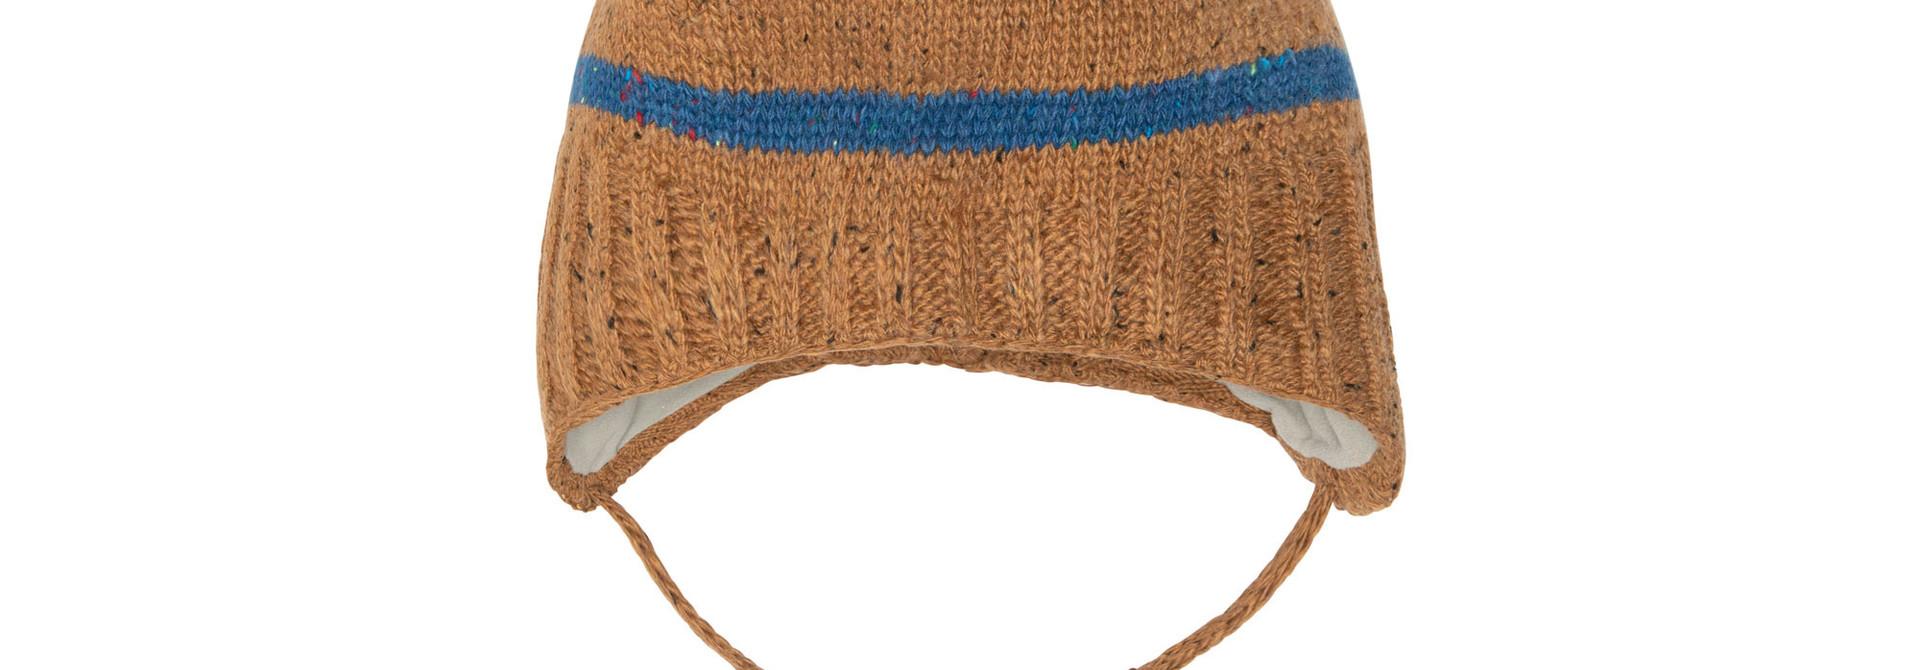 Tuque bébé en tricot Ours Polaire